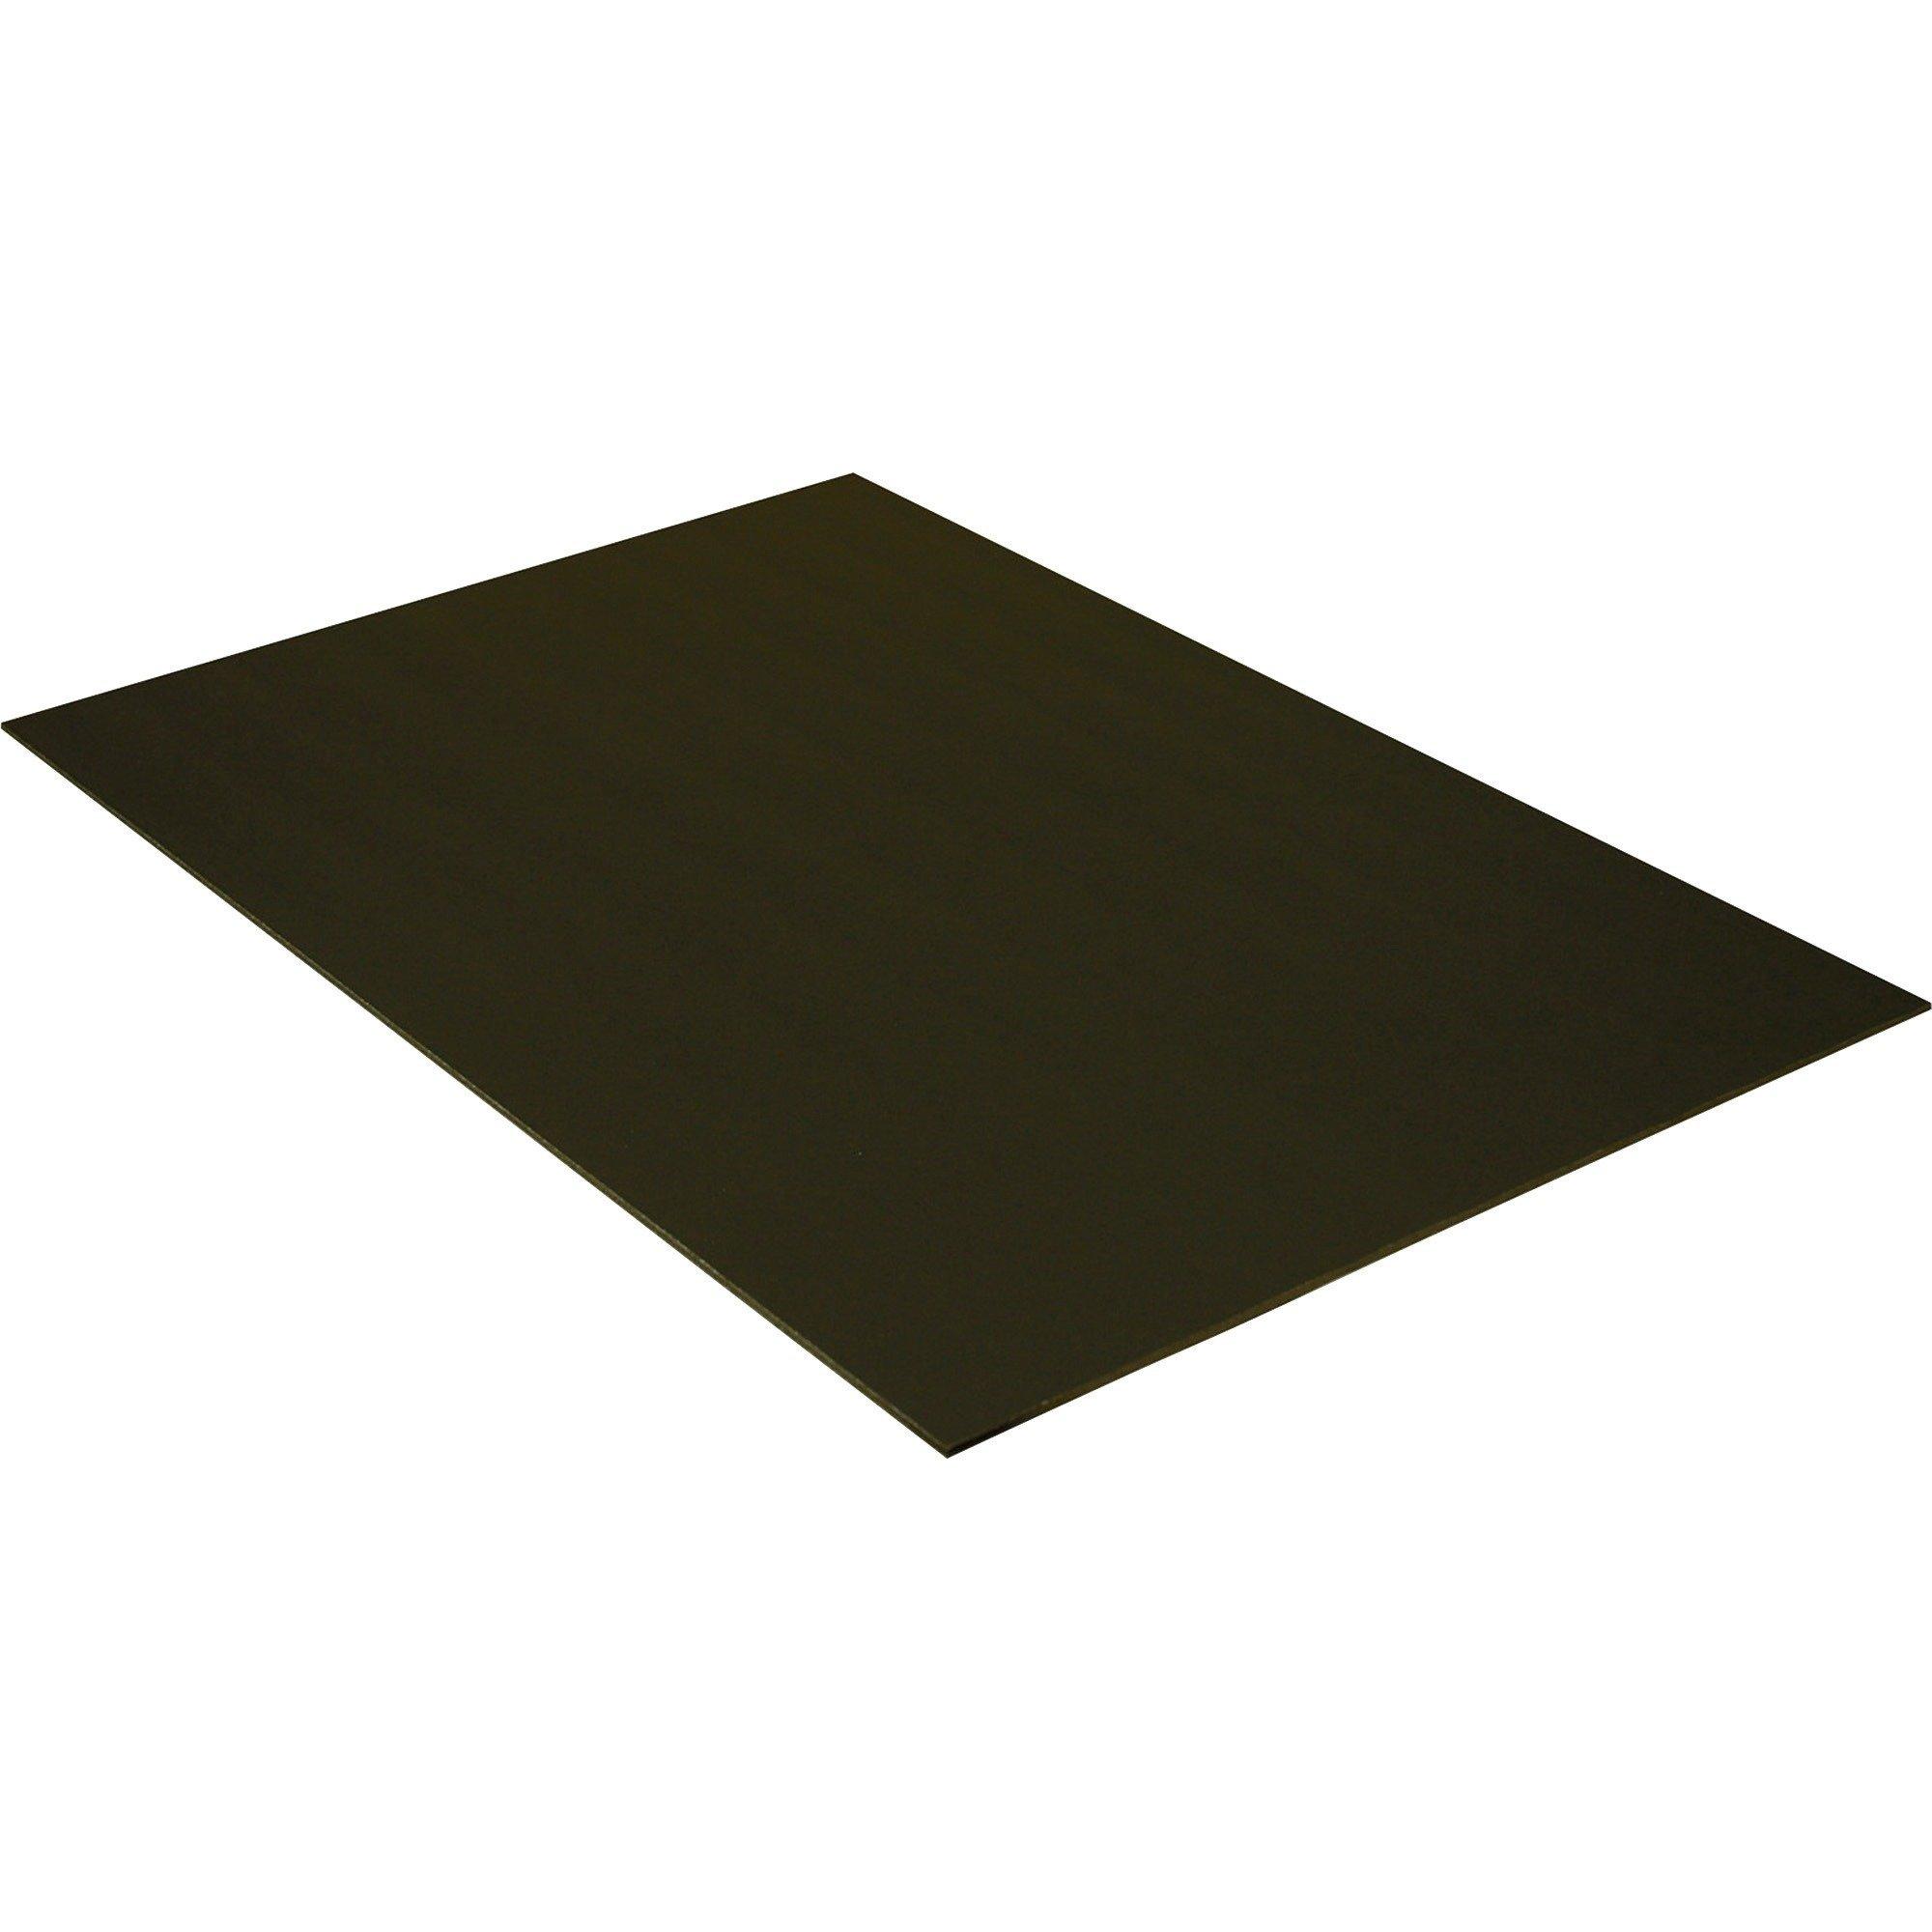 Pacon Foam Board, Black-on-Black, 20'' x 30'', 10 Sheets